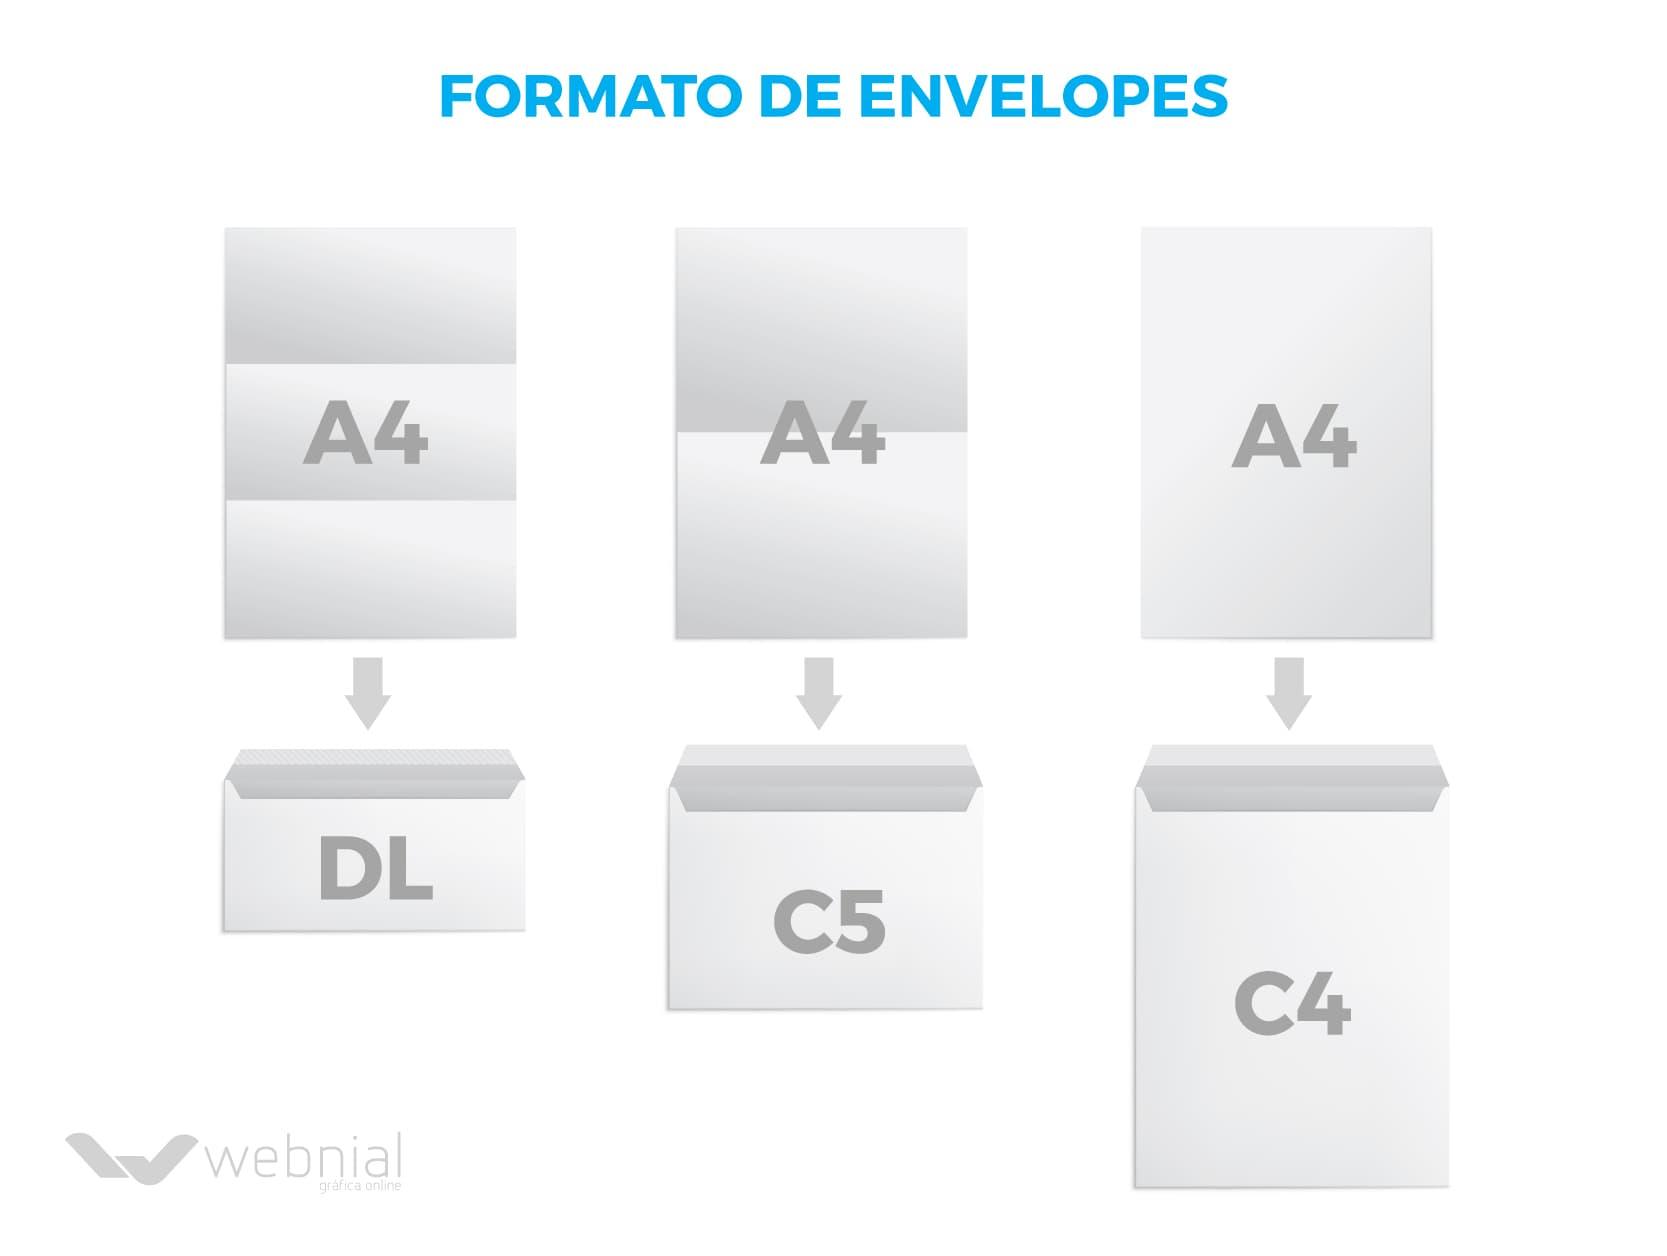 Tamanho de envelopes personalizados